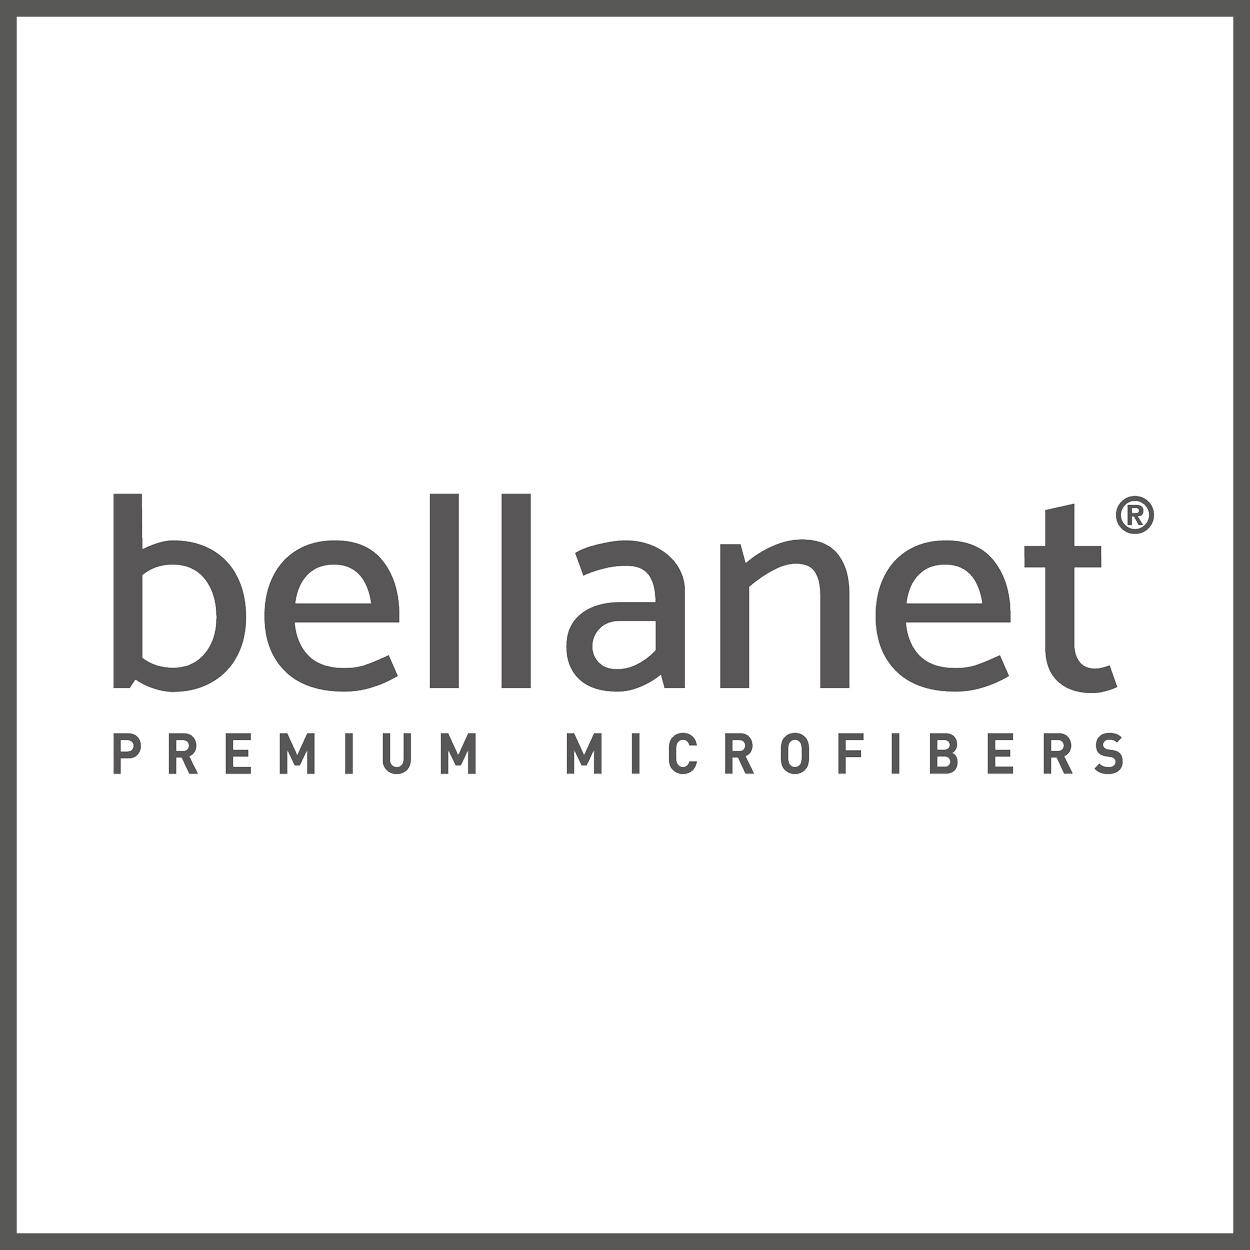 Bellanet